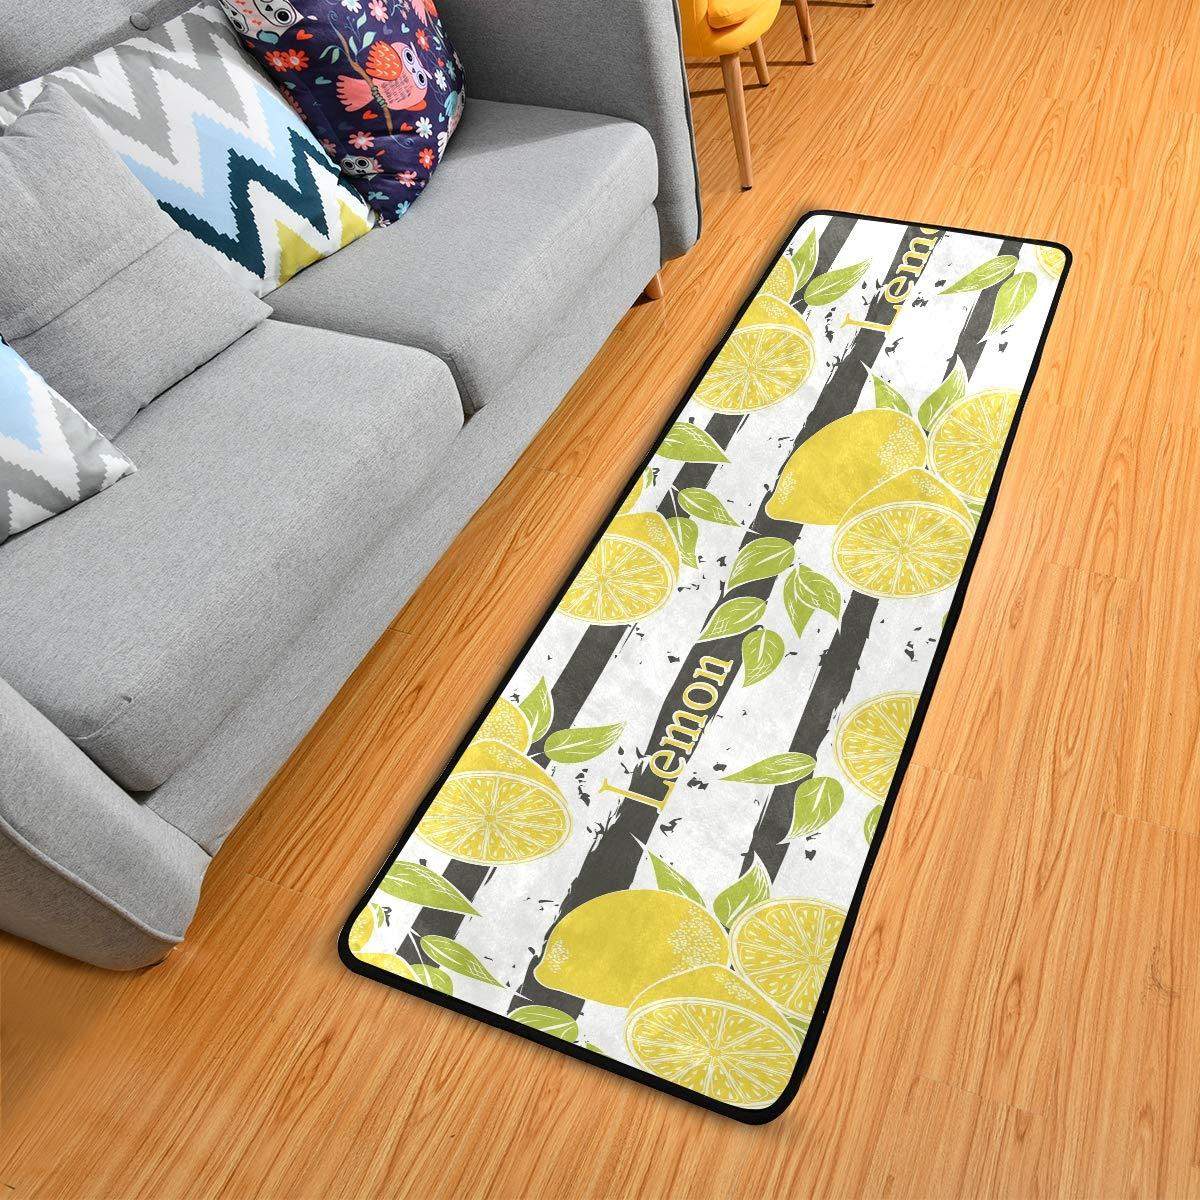 Hallway Runner Rug Rubber Backing - Fruits Lemon Pattern Runner Rug for Kitchen Rug Carpet Runner Non Skid Washable Rug Runner 2x6